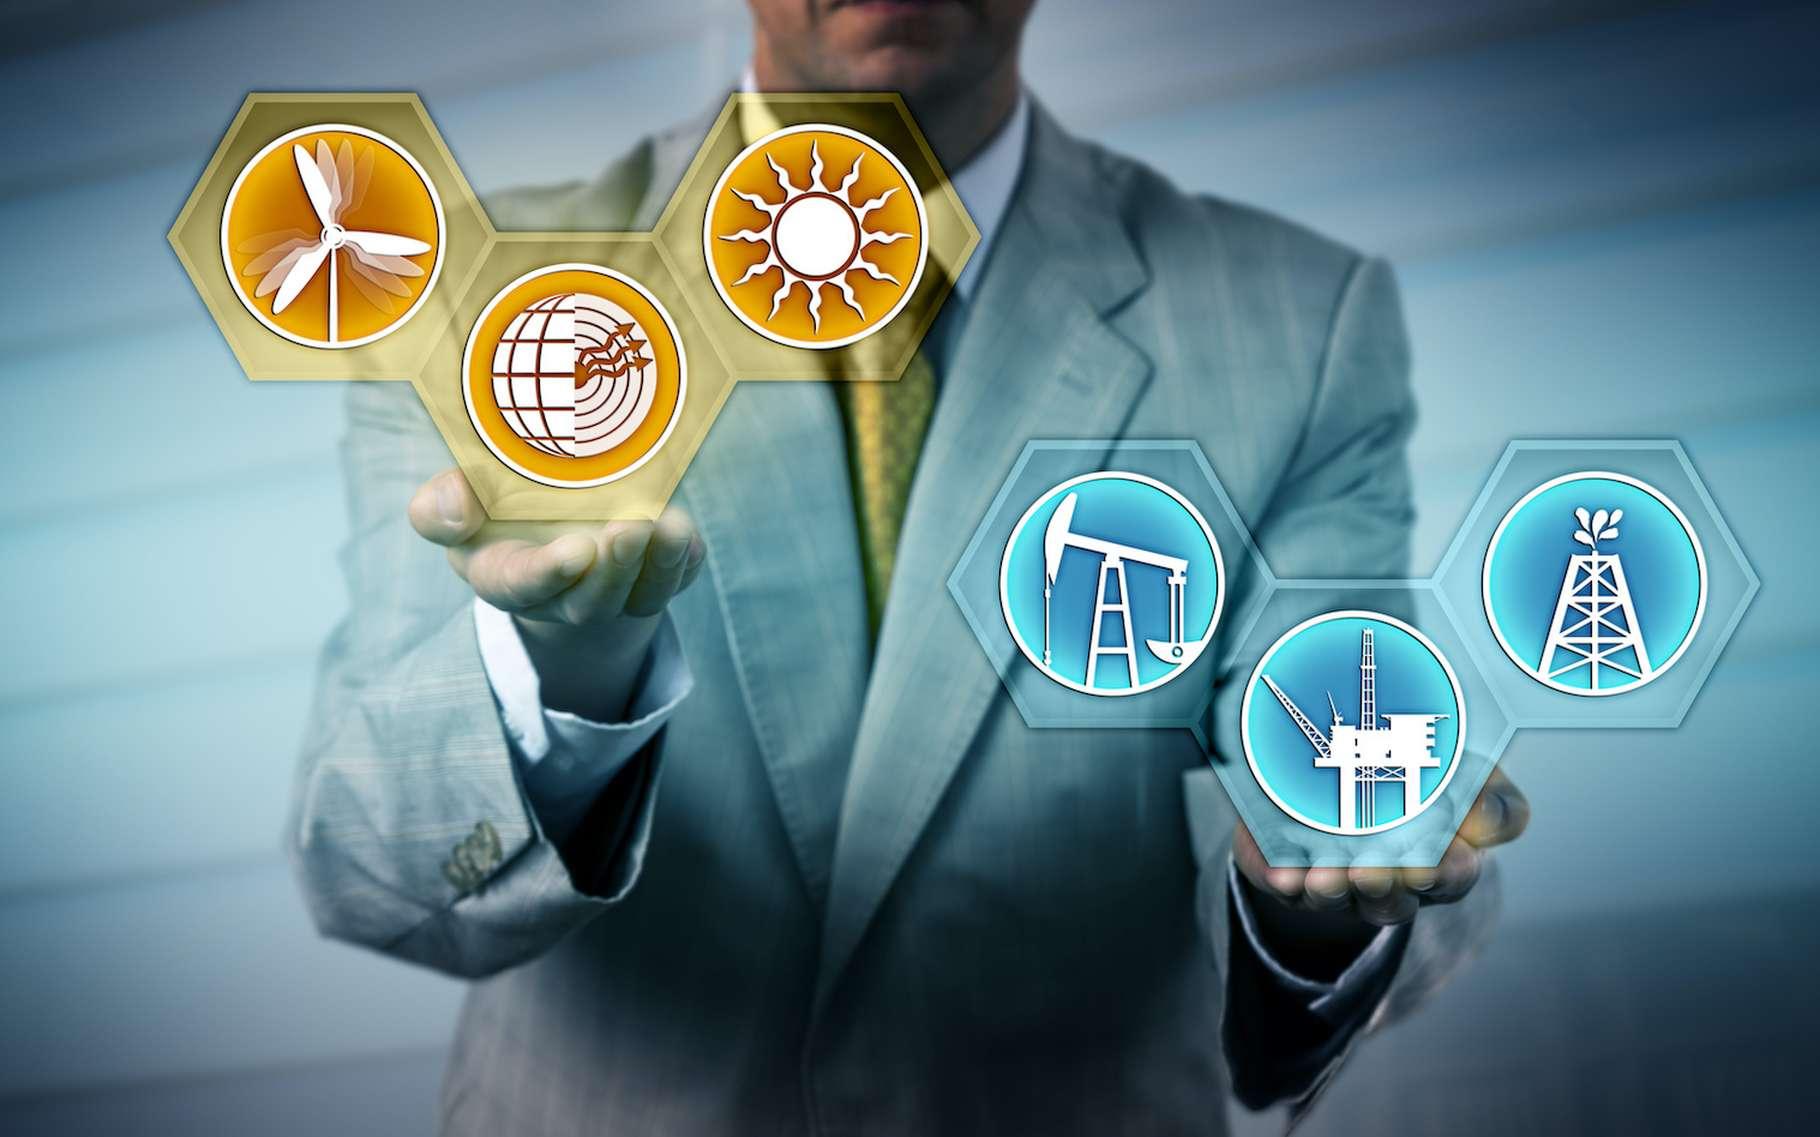 EDF Pulse Lab' AURA se présente comme un espace d'expérimentation pour les solutions énergétiques de demain. © leowolfert, Adobe Stock